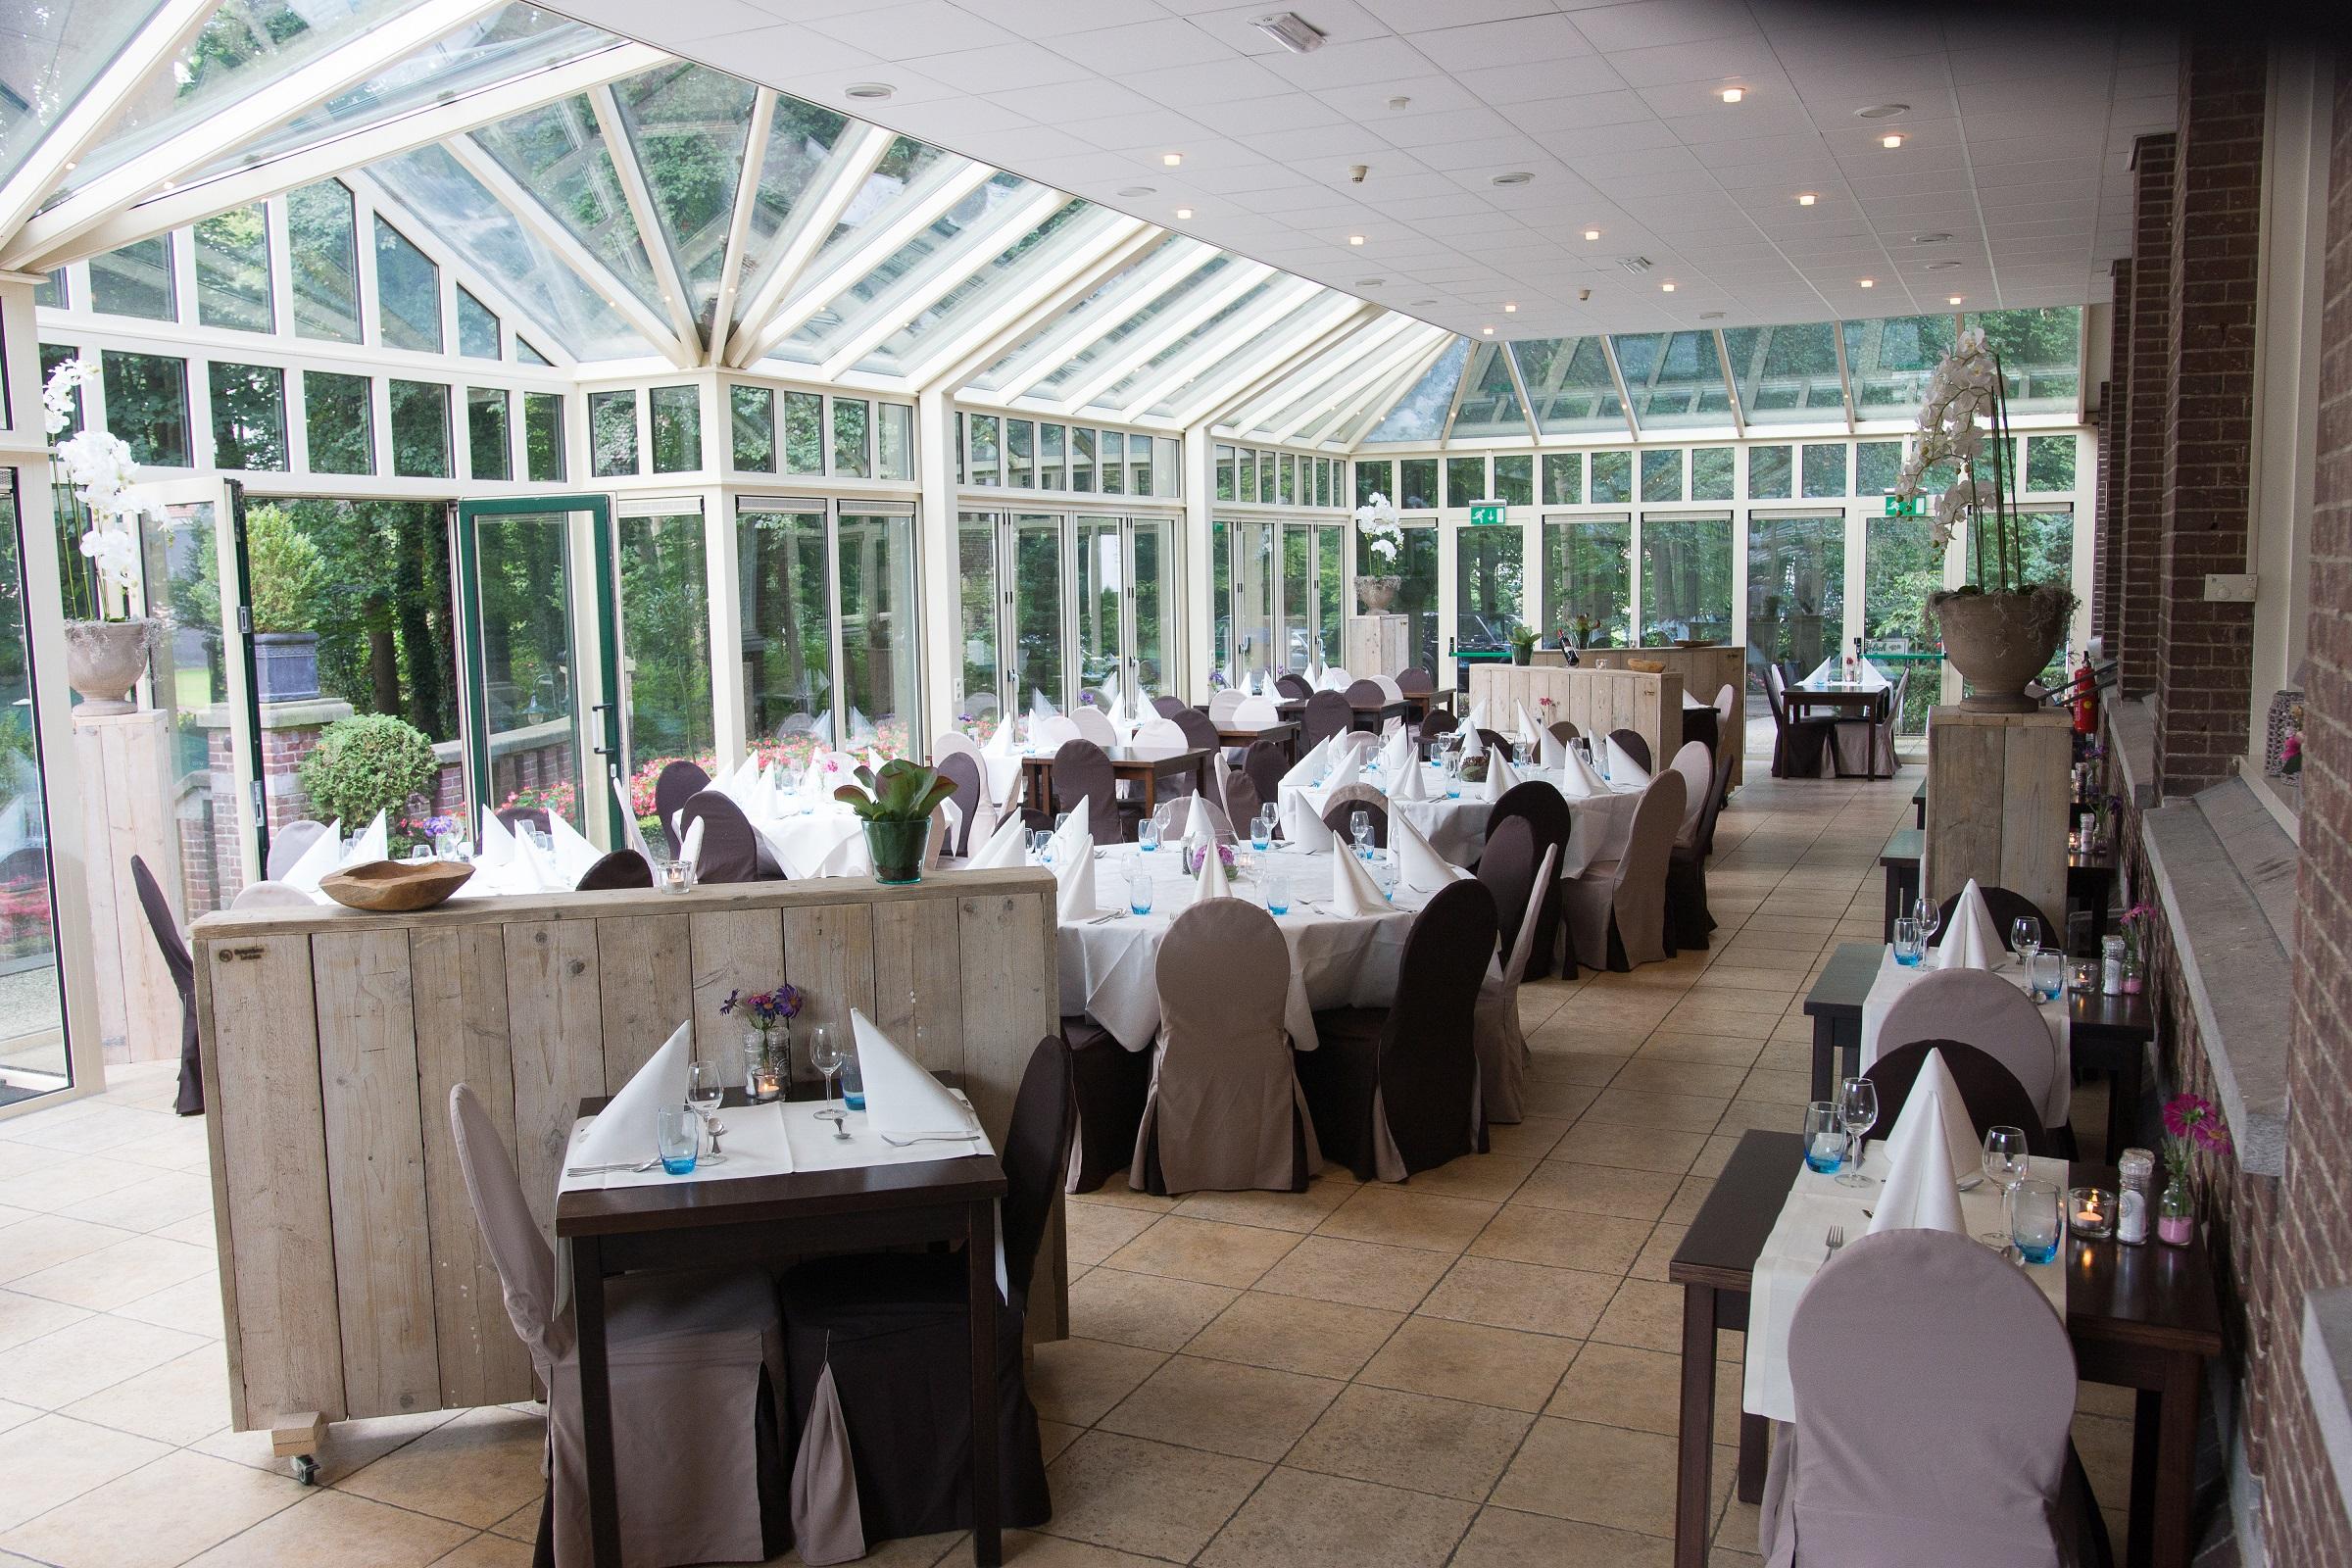 Serrerestaurant bij Landgoed Ehzerwold in Almen. Gelegen in de Achterhoek